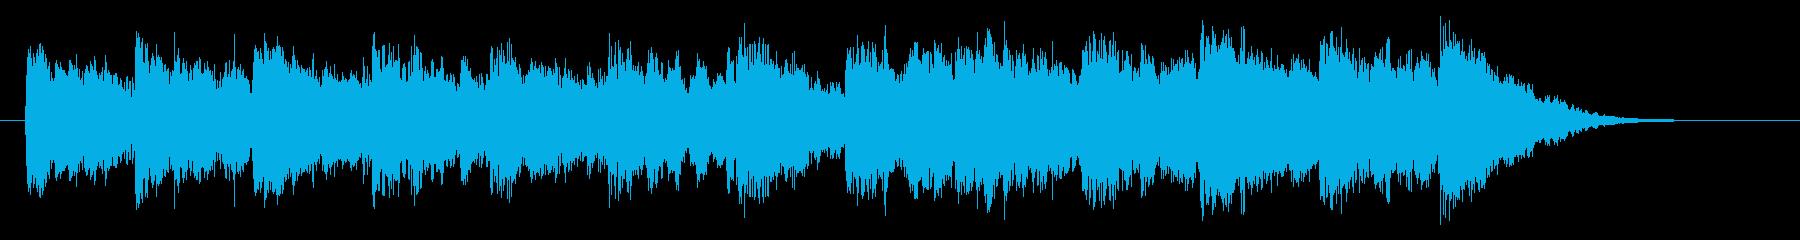 ゆったりと繊細なシンセジングルの再生済みの波形